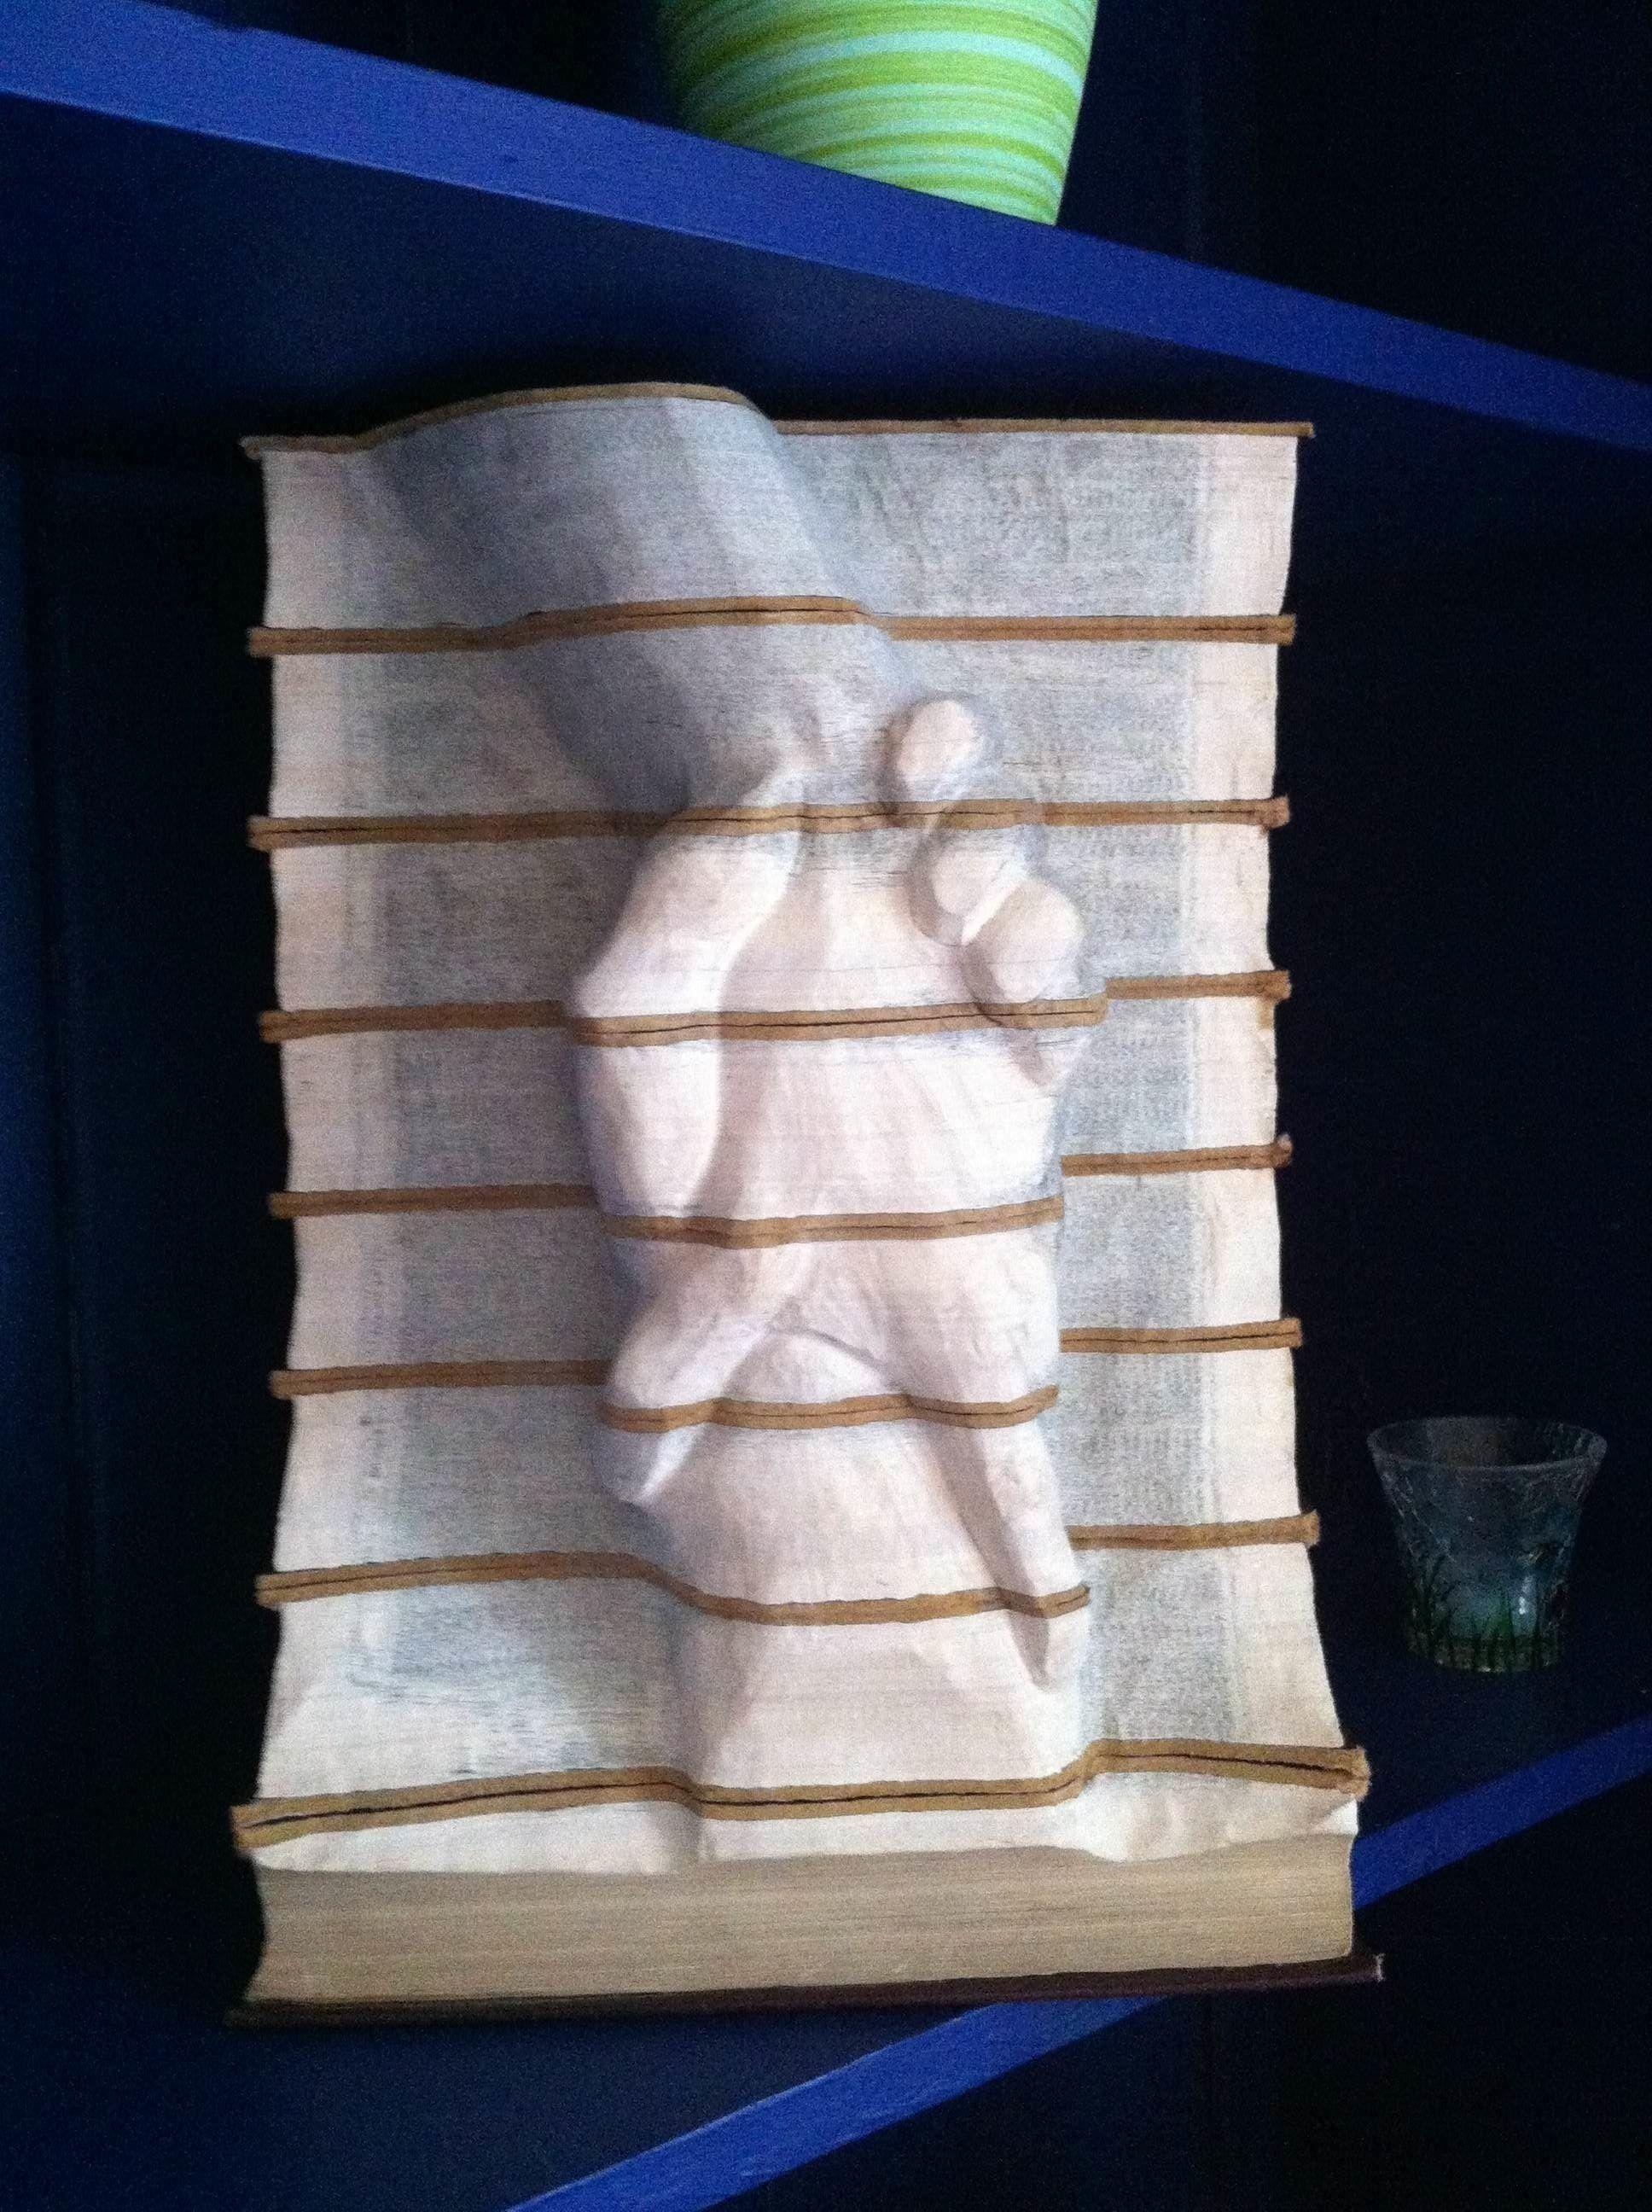 book sculpture 'Uplifting'